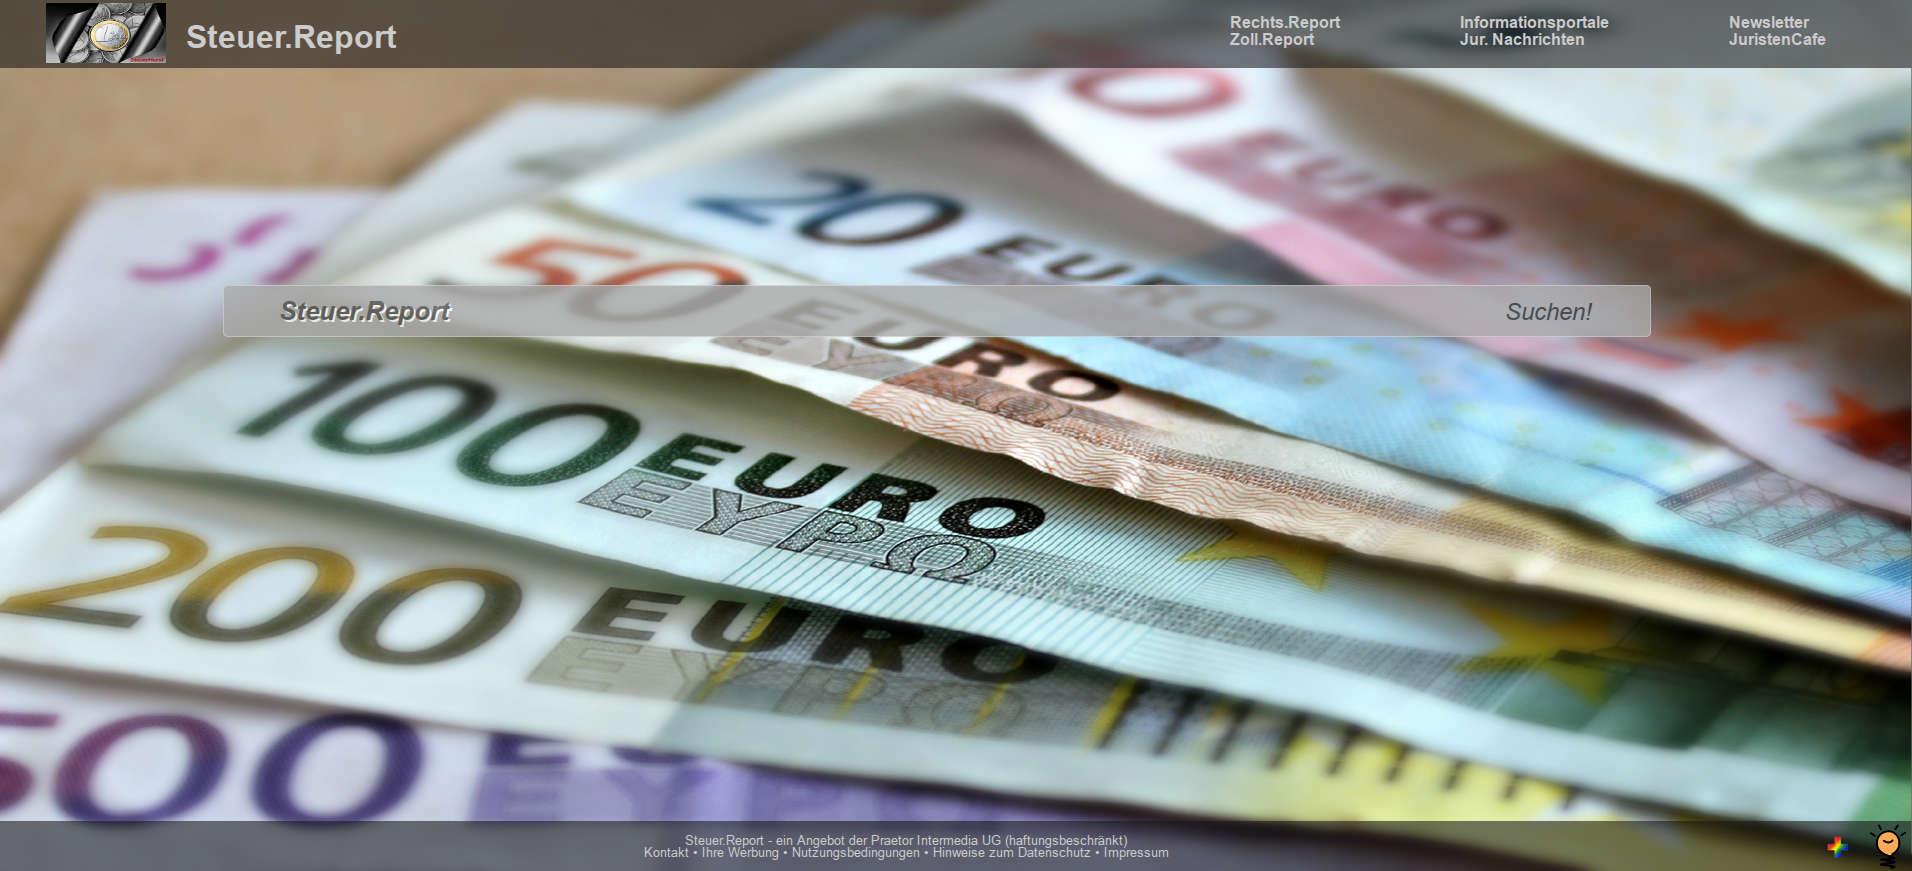 Steuer.Report – Informationen zu Ihren Steuern!